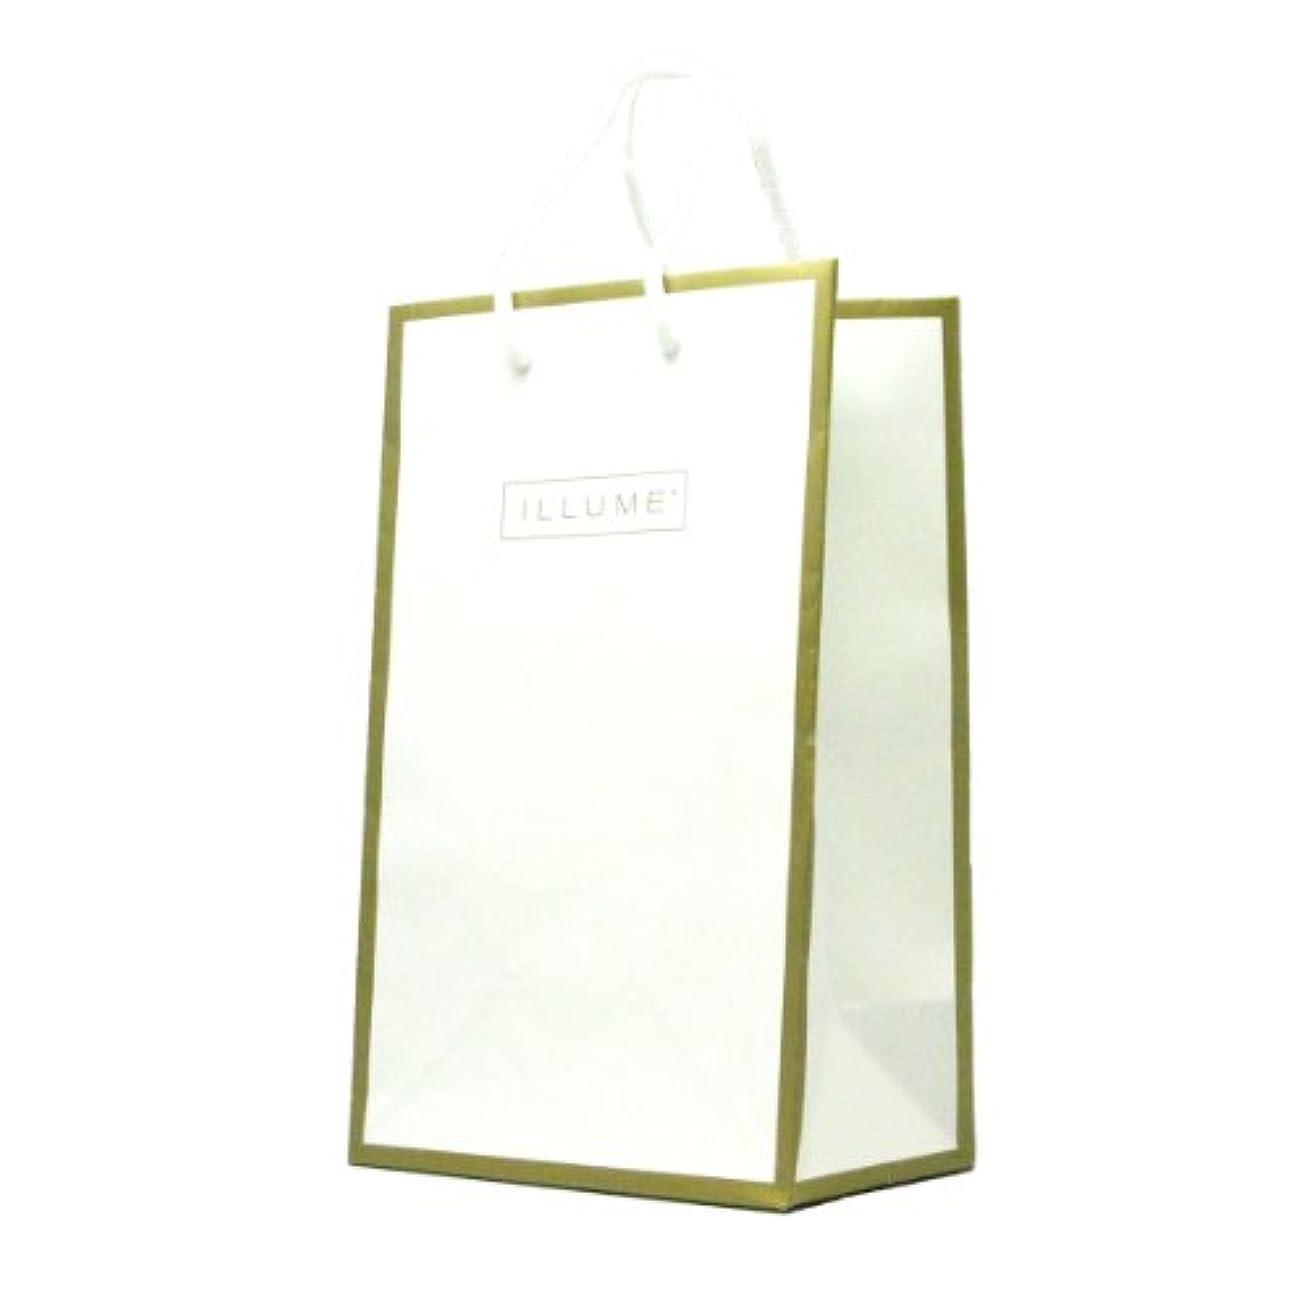 専制先史時代のスクリューイリューム(ILLUME) ギフトバッグ(Gift Bag) (ILLUMEギフトバッグ)